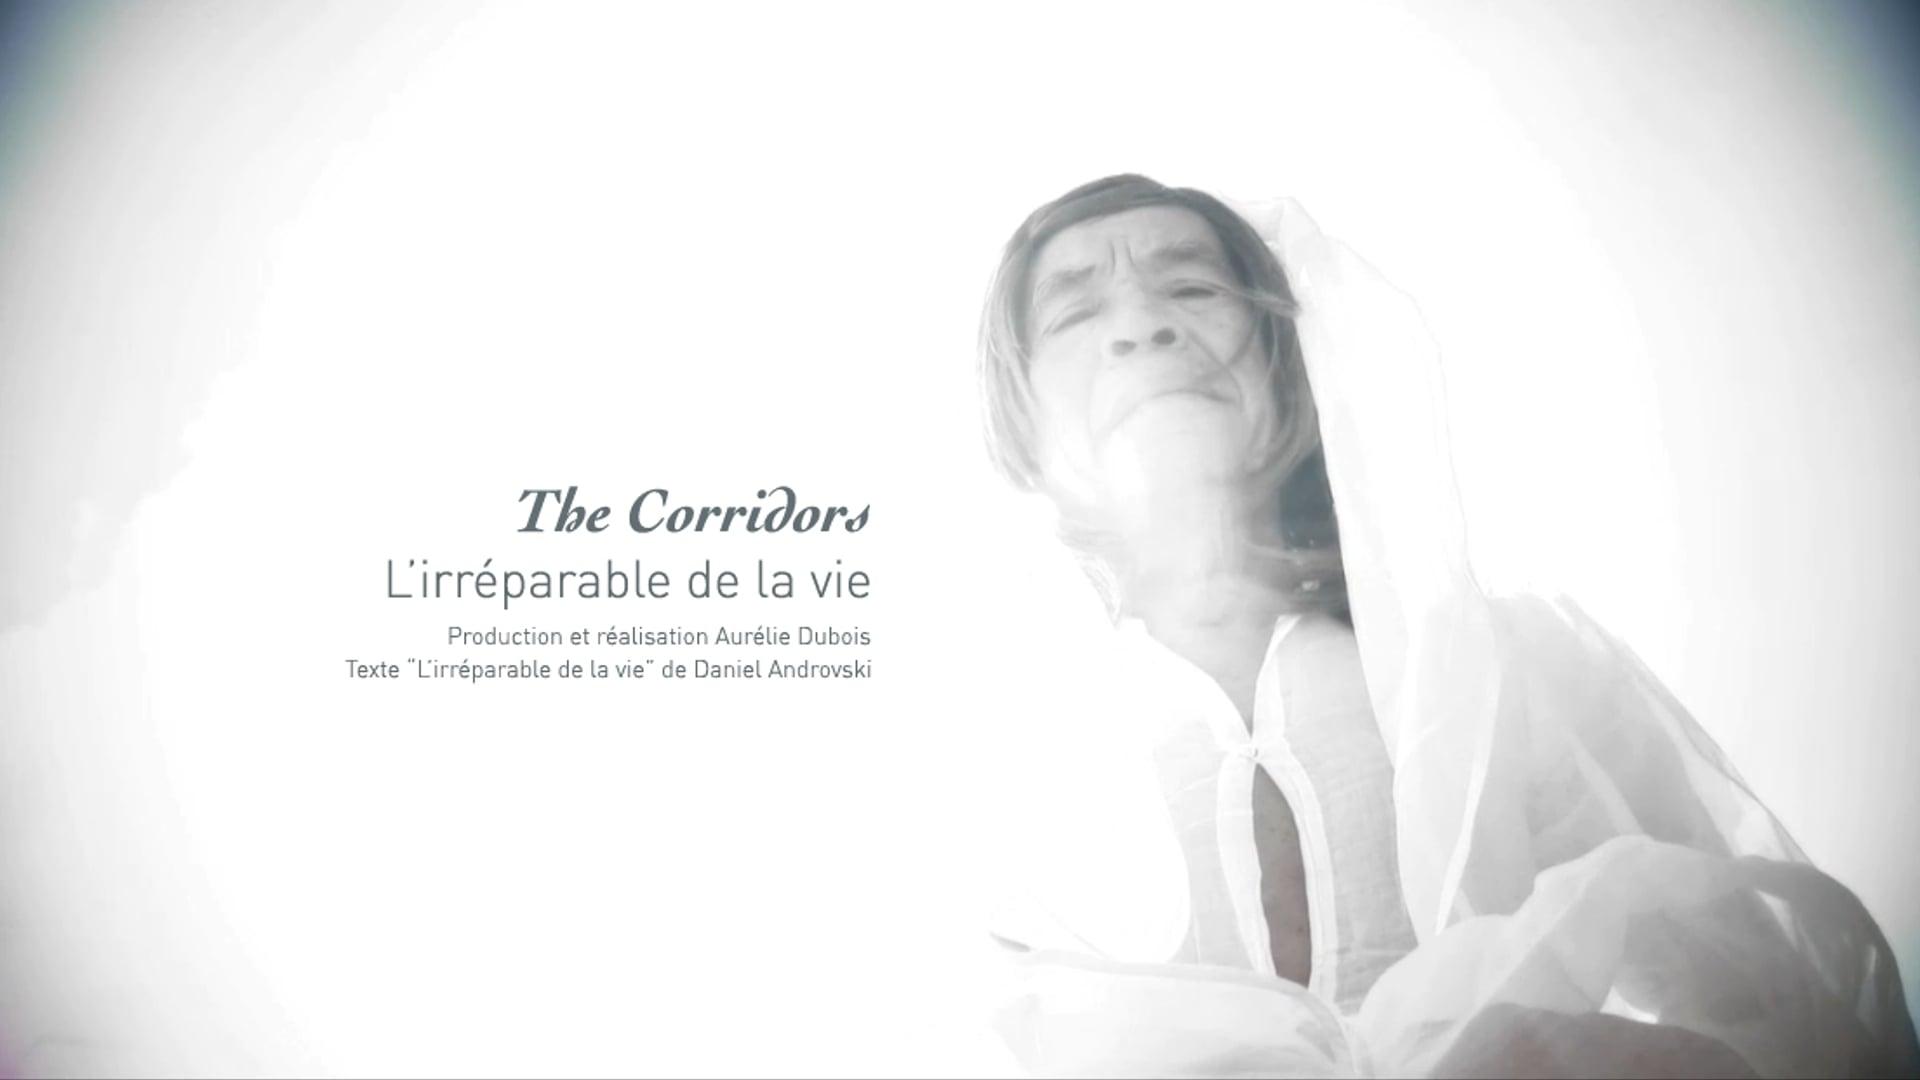 ★ THE CORRIDORS   L'irréparable de la vie